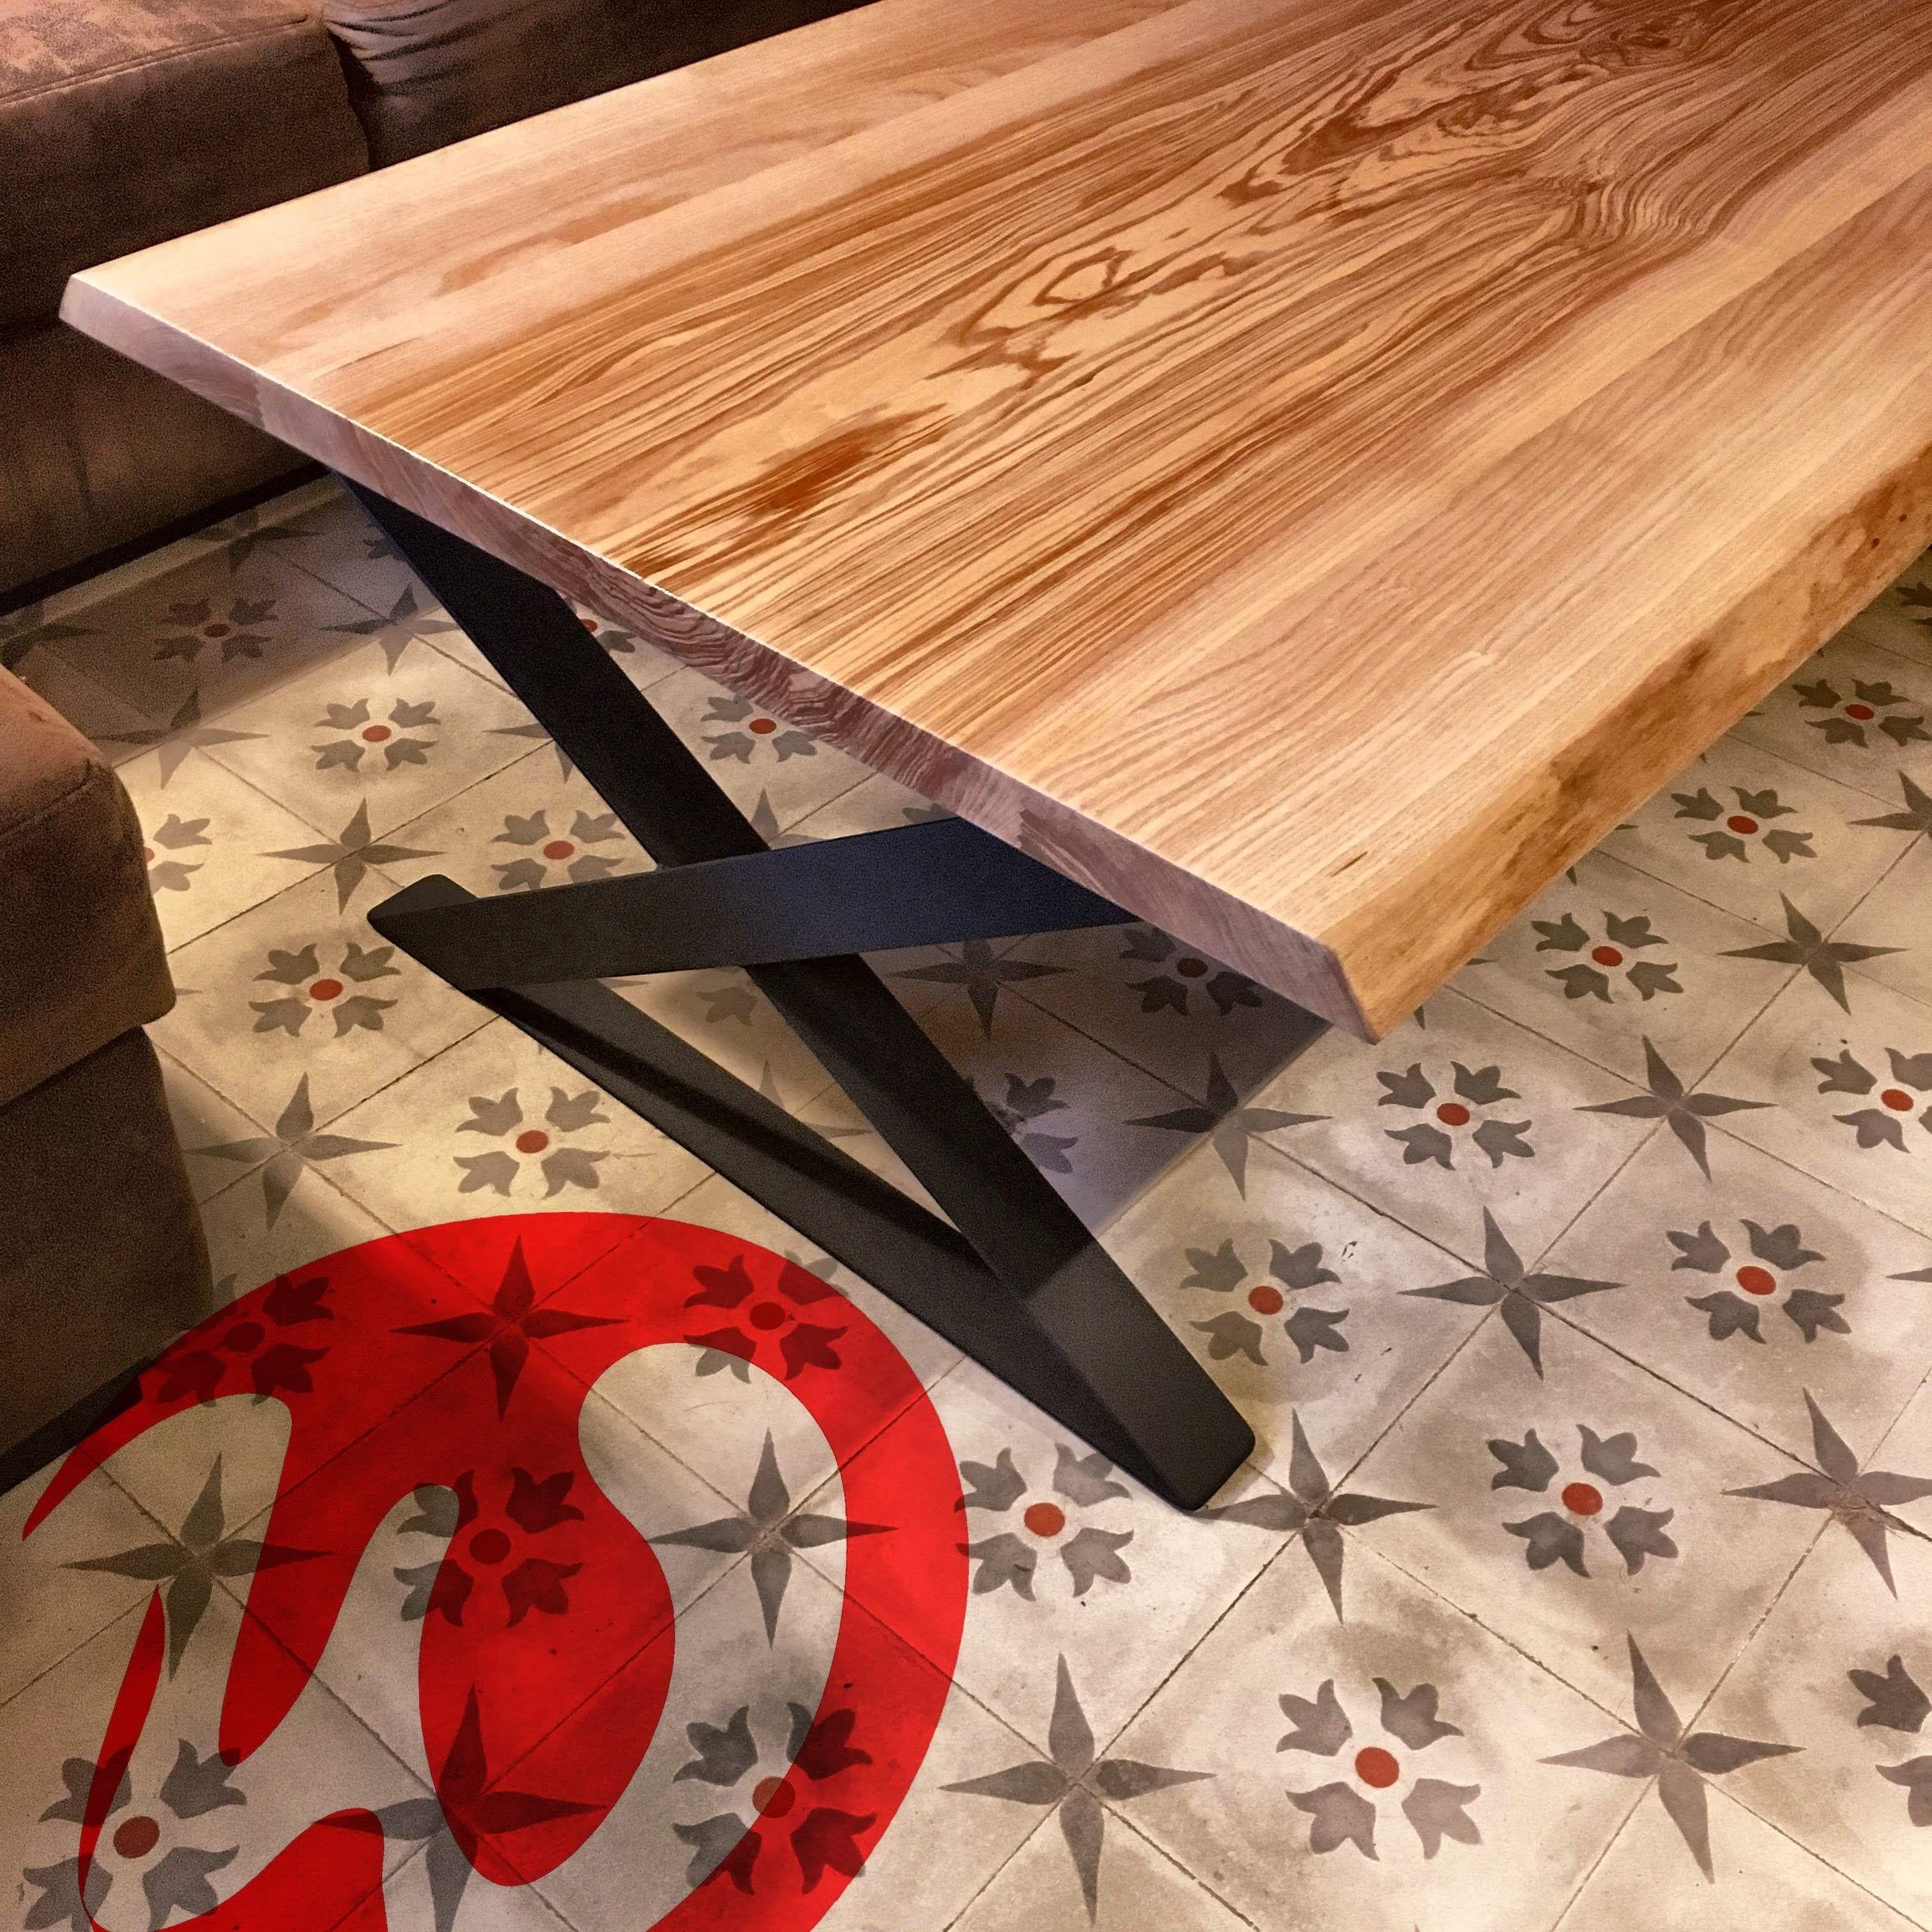 Table Basse En Bois Acier Frene Live Edge Pieds Metallique X Pieds Metallique Design Realisation Sur Mesure Meuble De Salon In 2020 Decor Table Home Decor